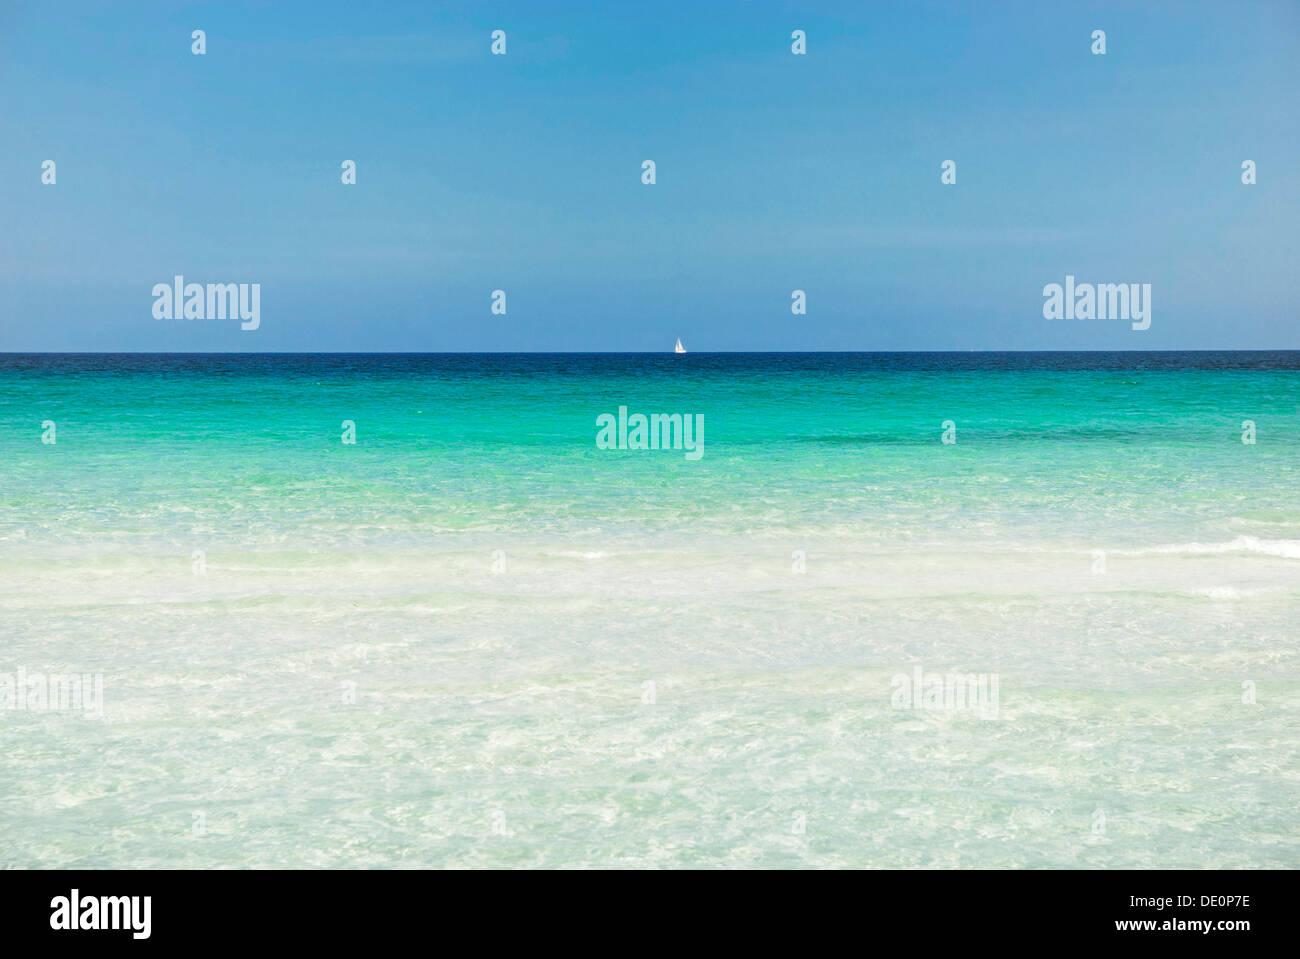 Orizzonte con nave a vela, turchese del mare con spiaggia di sabbia, la Cinta, Sardegna, Italia, Europa Immagini Stock